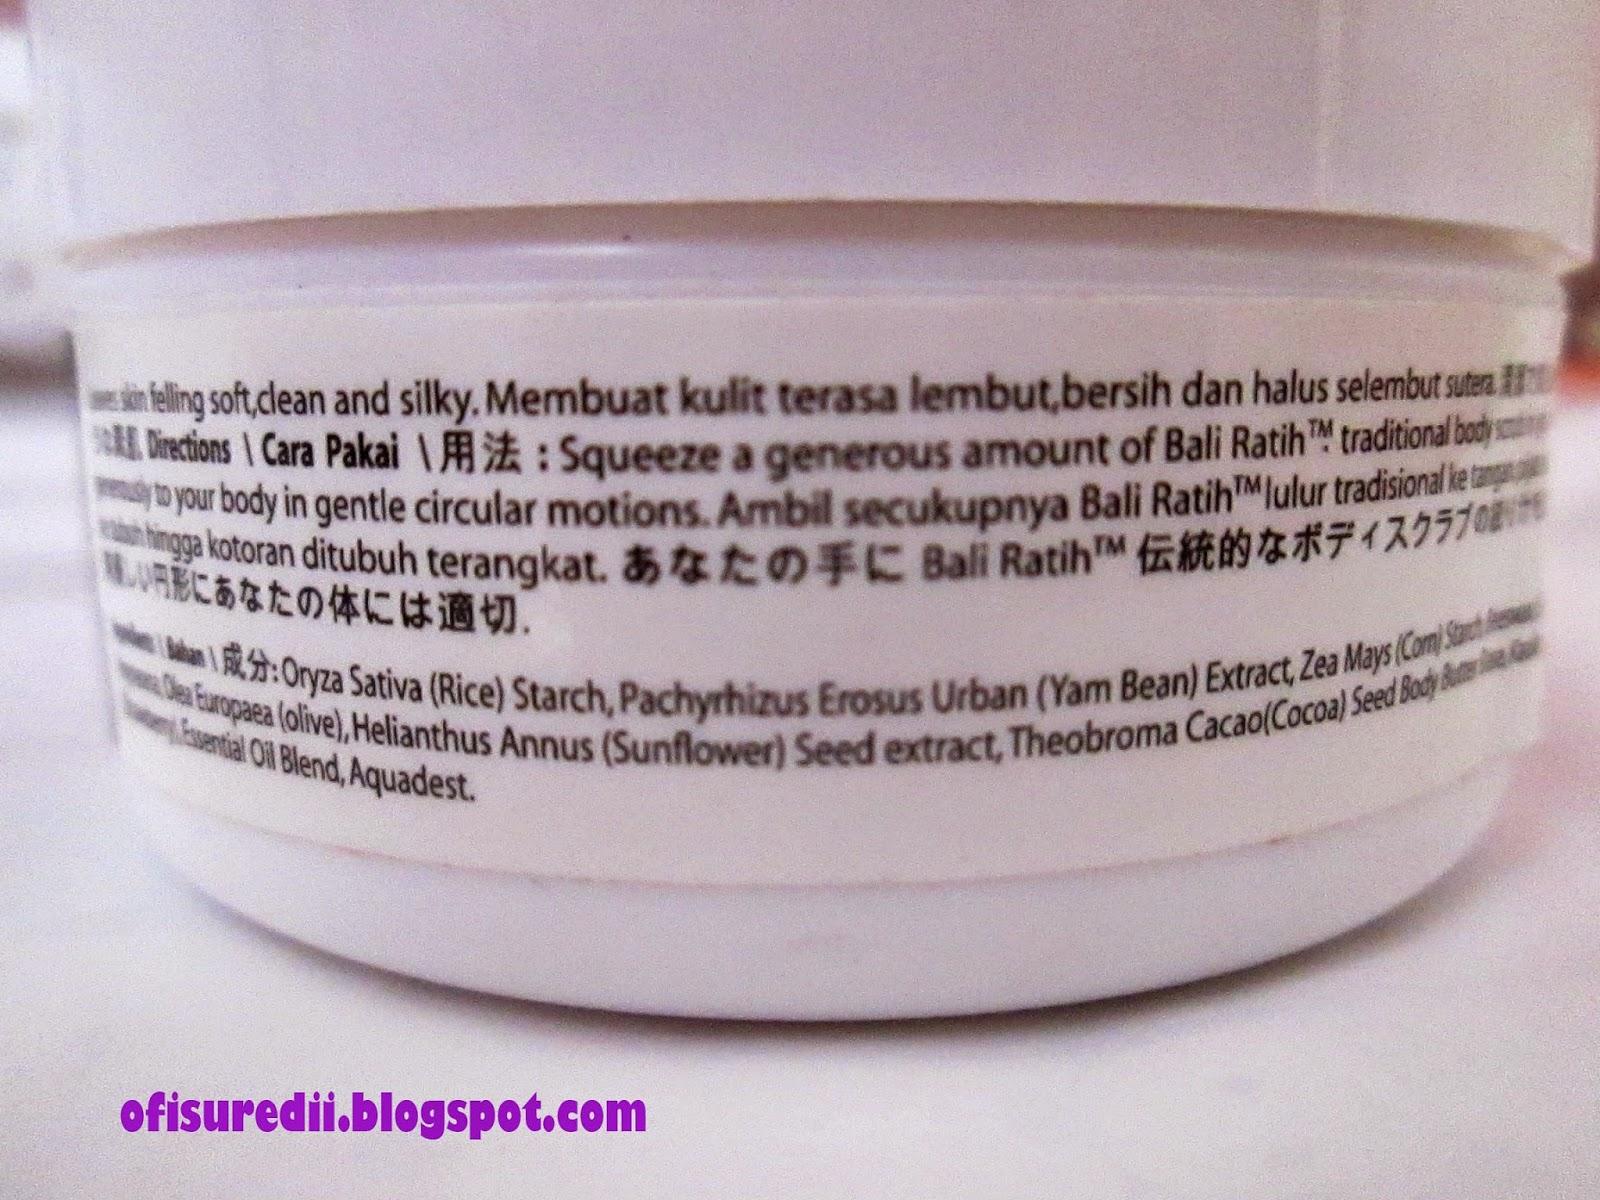 Review Body Scrub Butter Mist Dan Hand Lotion Bali Ratih Bagi Aku Yang Males Dua Minggu Itu Sebentar Banget Lo Karena Belum Tentu Seminggu Sekali Pakai